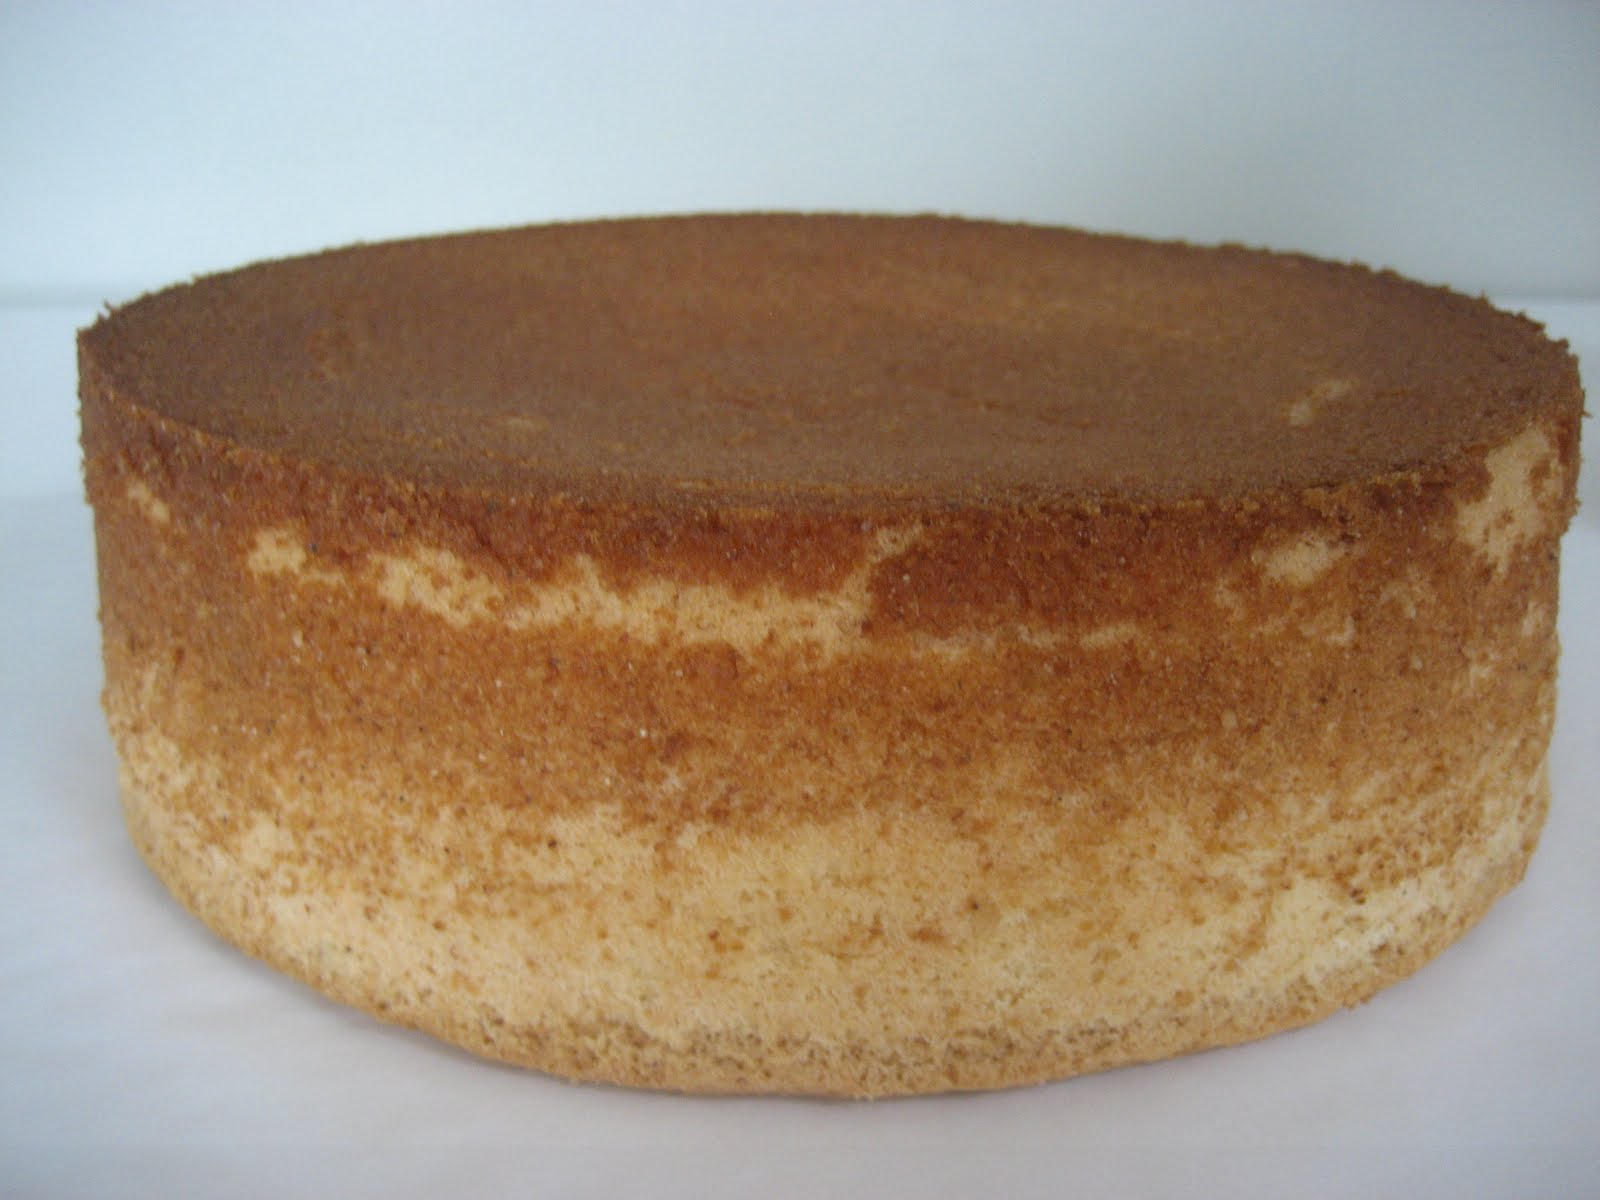 tårtbotten utan potatismjöl